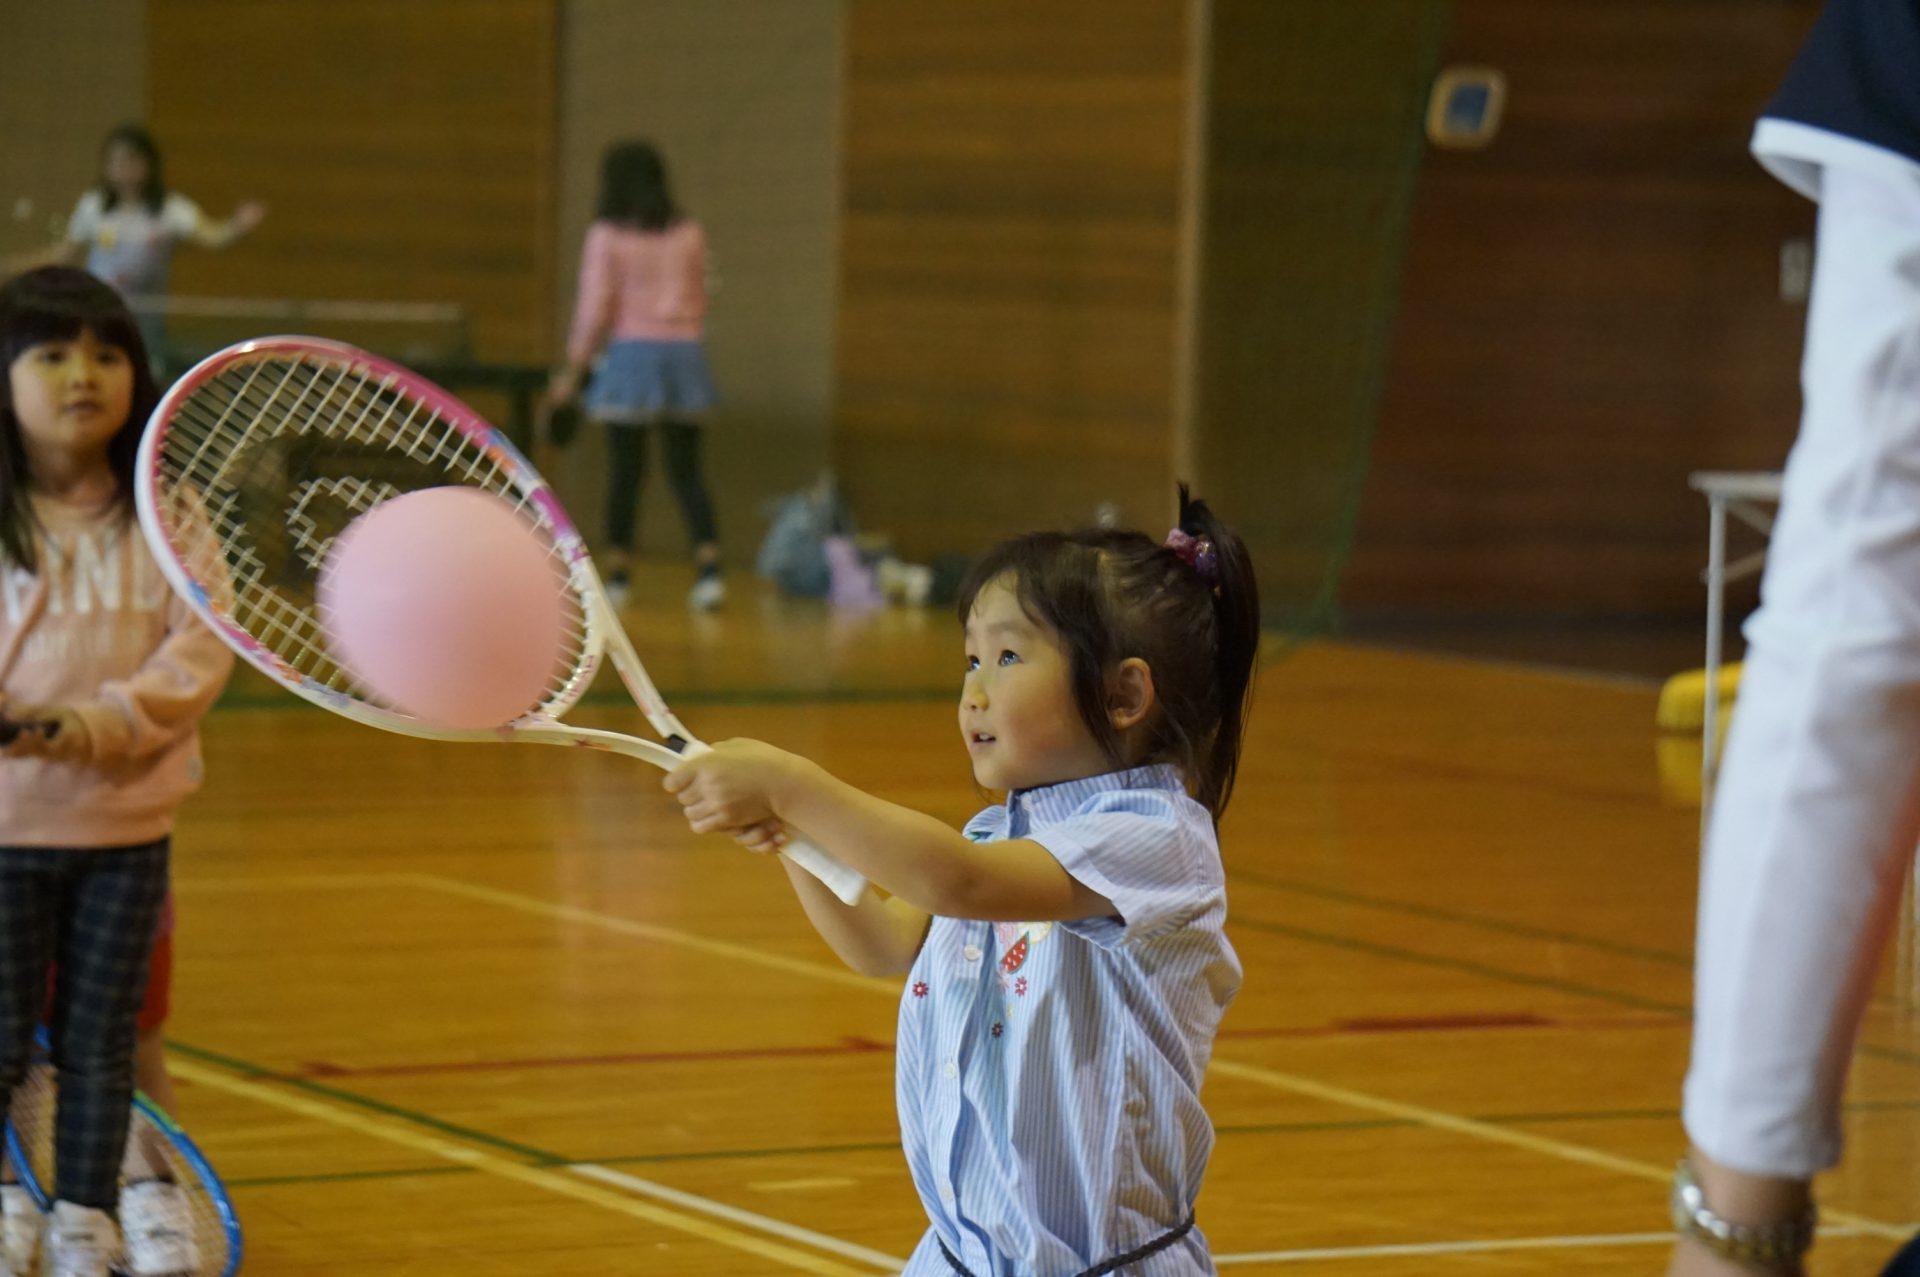 4月11日(水曜日) キッズテニス参加者募集案内